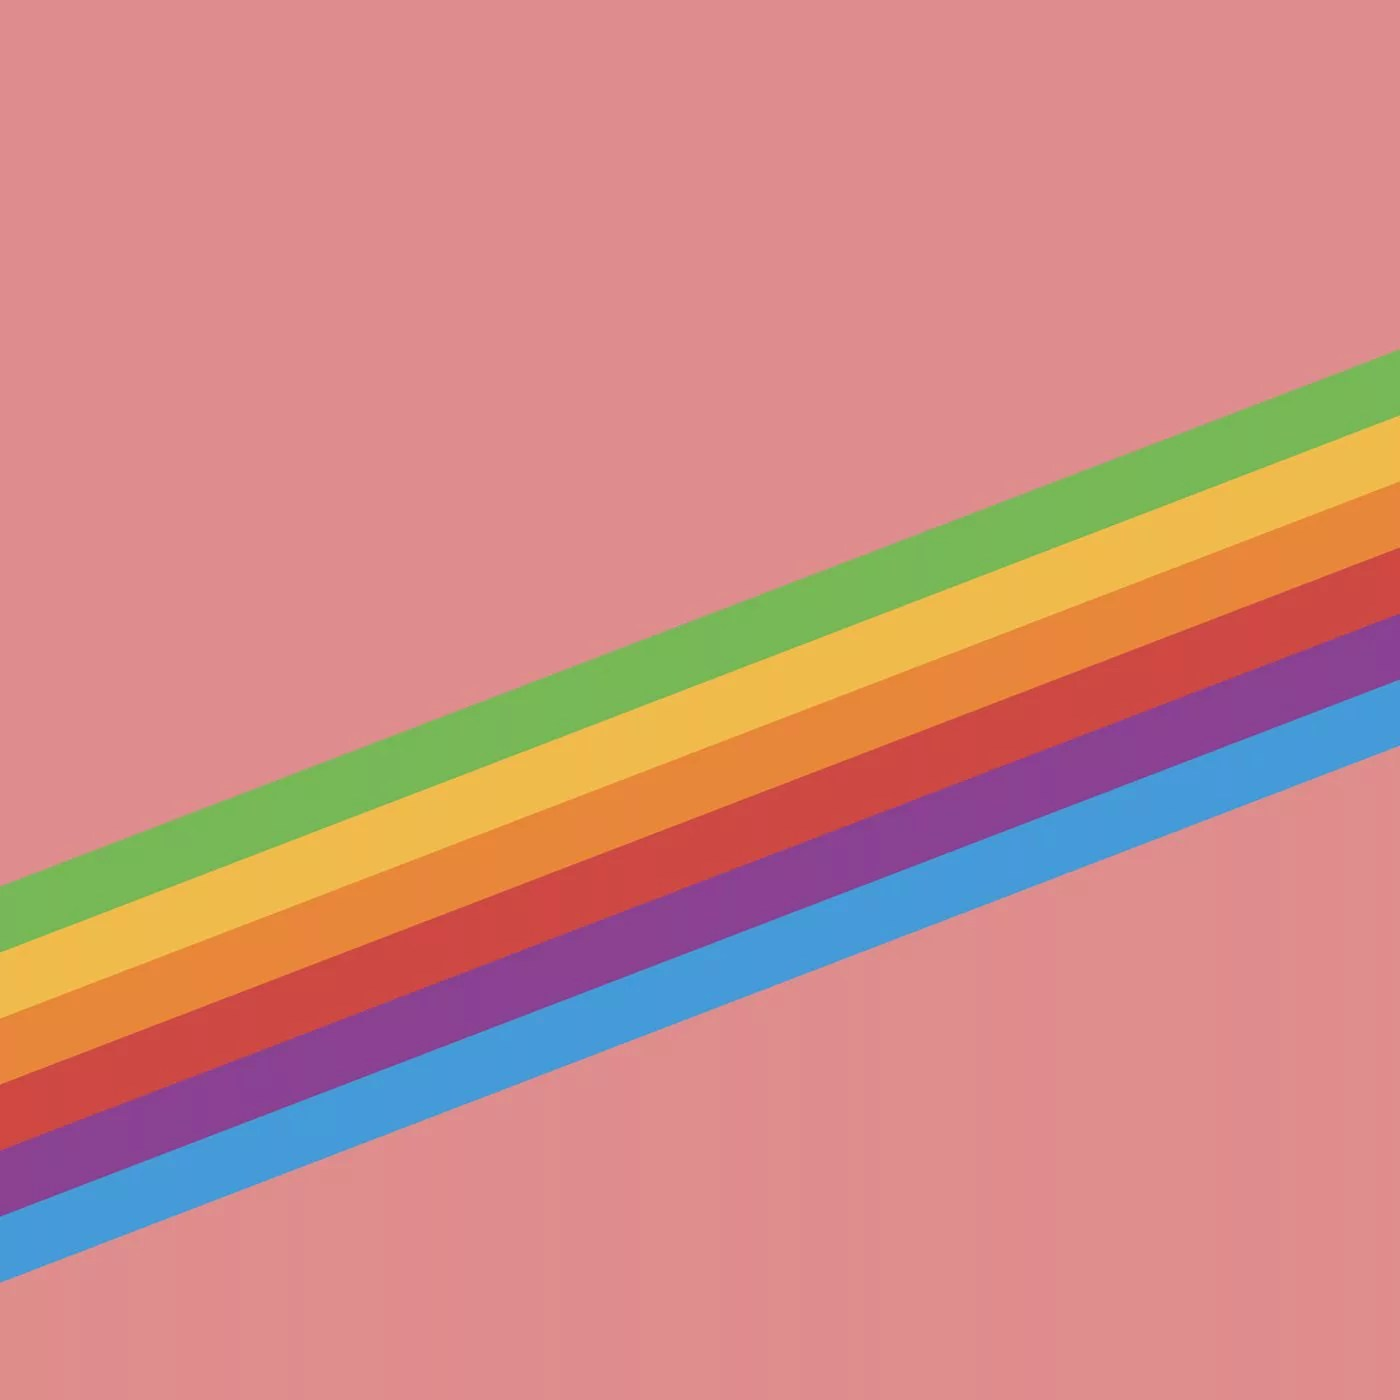 ios_11_gm_wallpaper_heritage_stripe_red.jpg